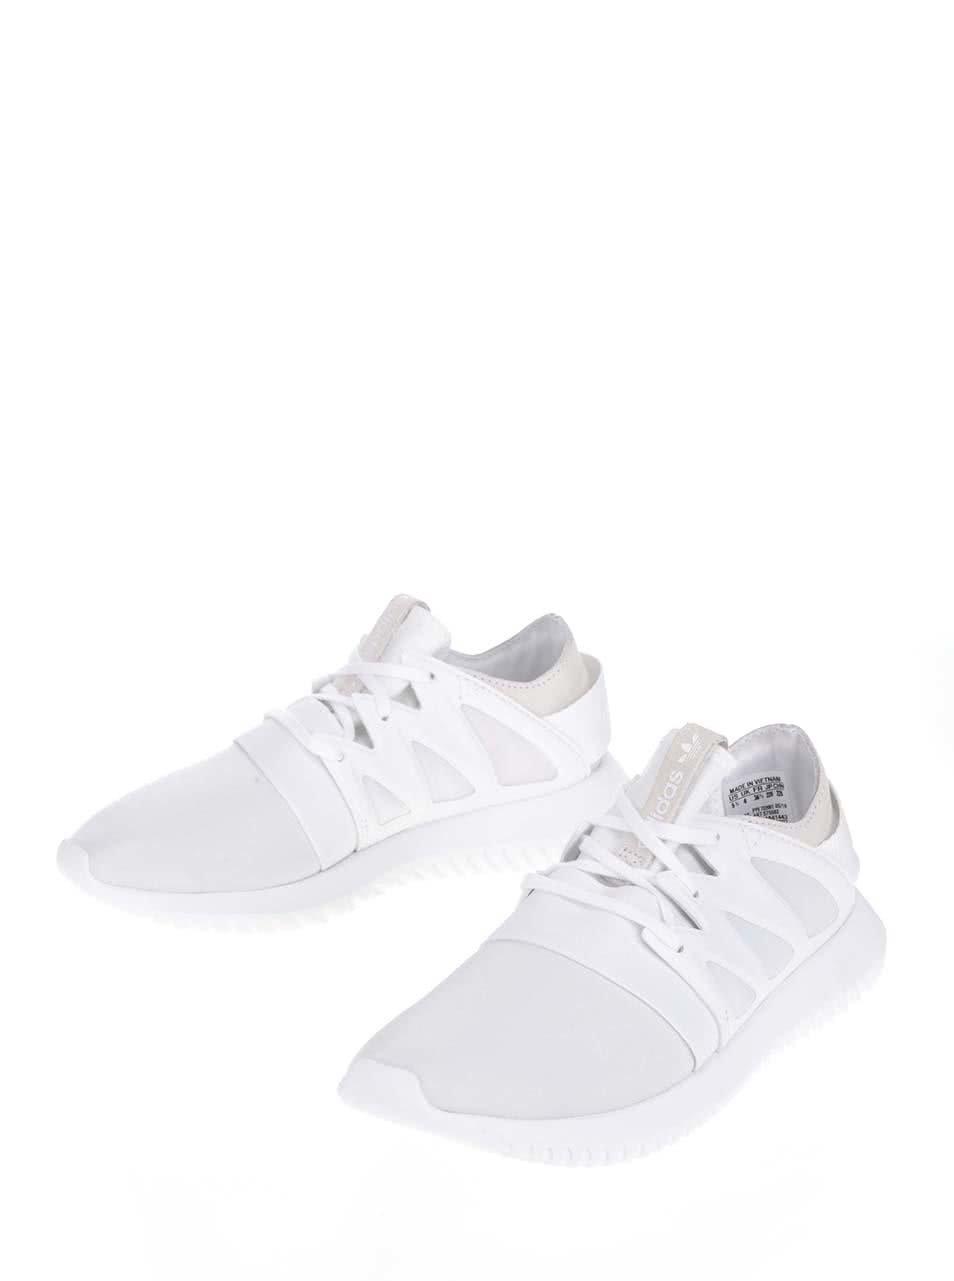 Biele dámske tenisky adidas Originals Tubular ... e1e33ce792